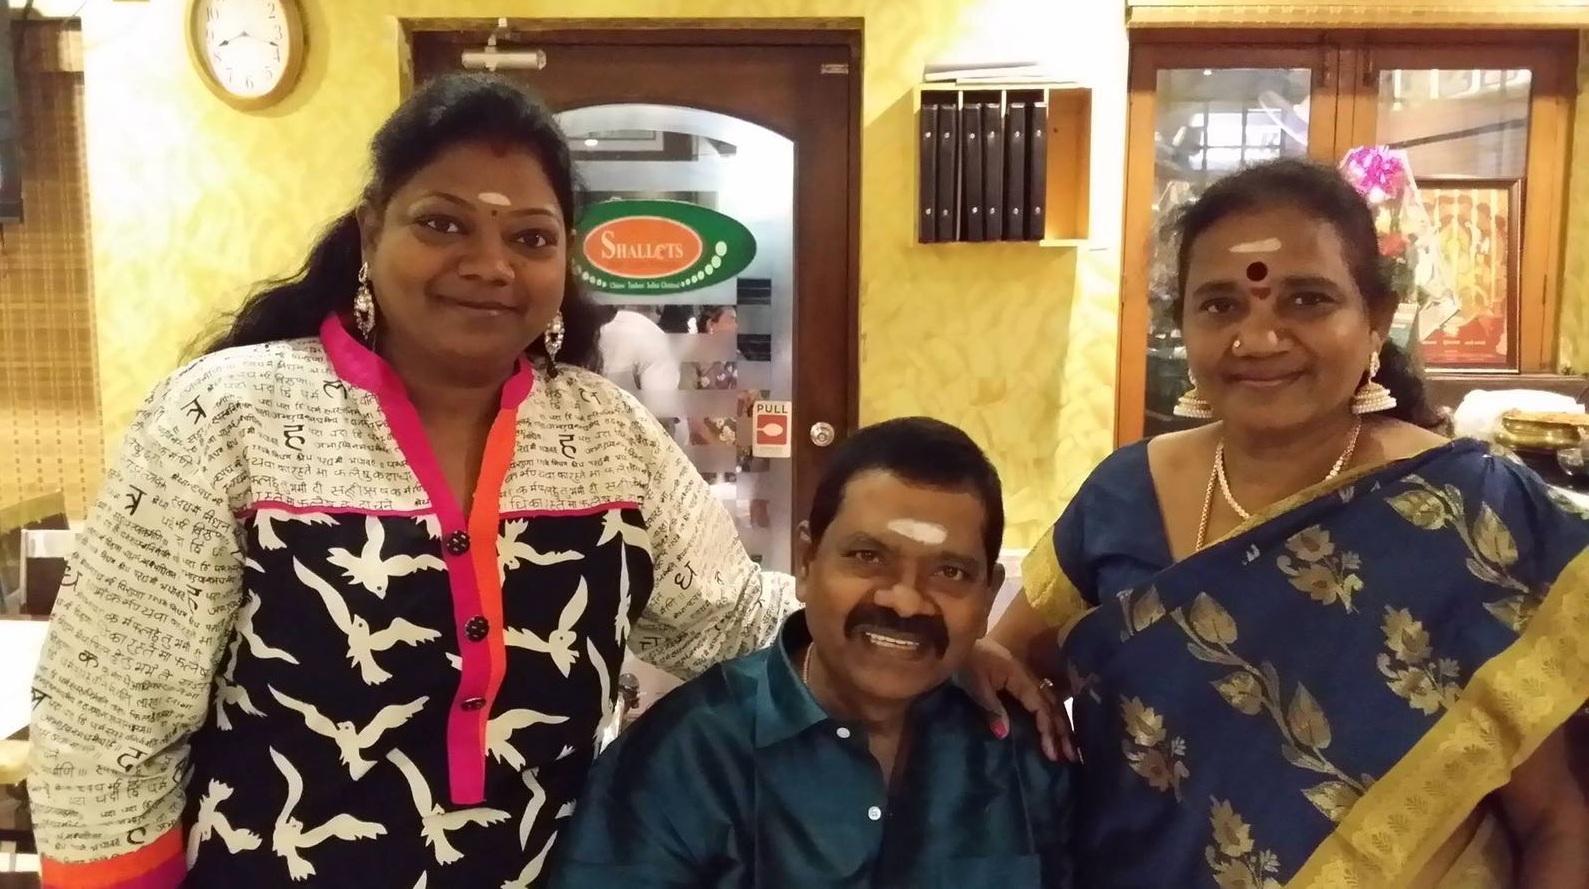 மனைவி மற்றும் மகளுடன் நடிகர் வினுச்சக்ரவர்த்தி